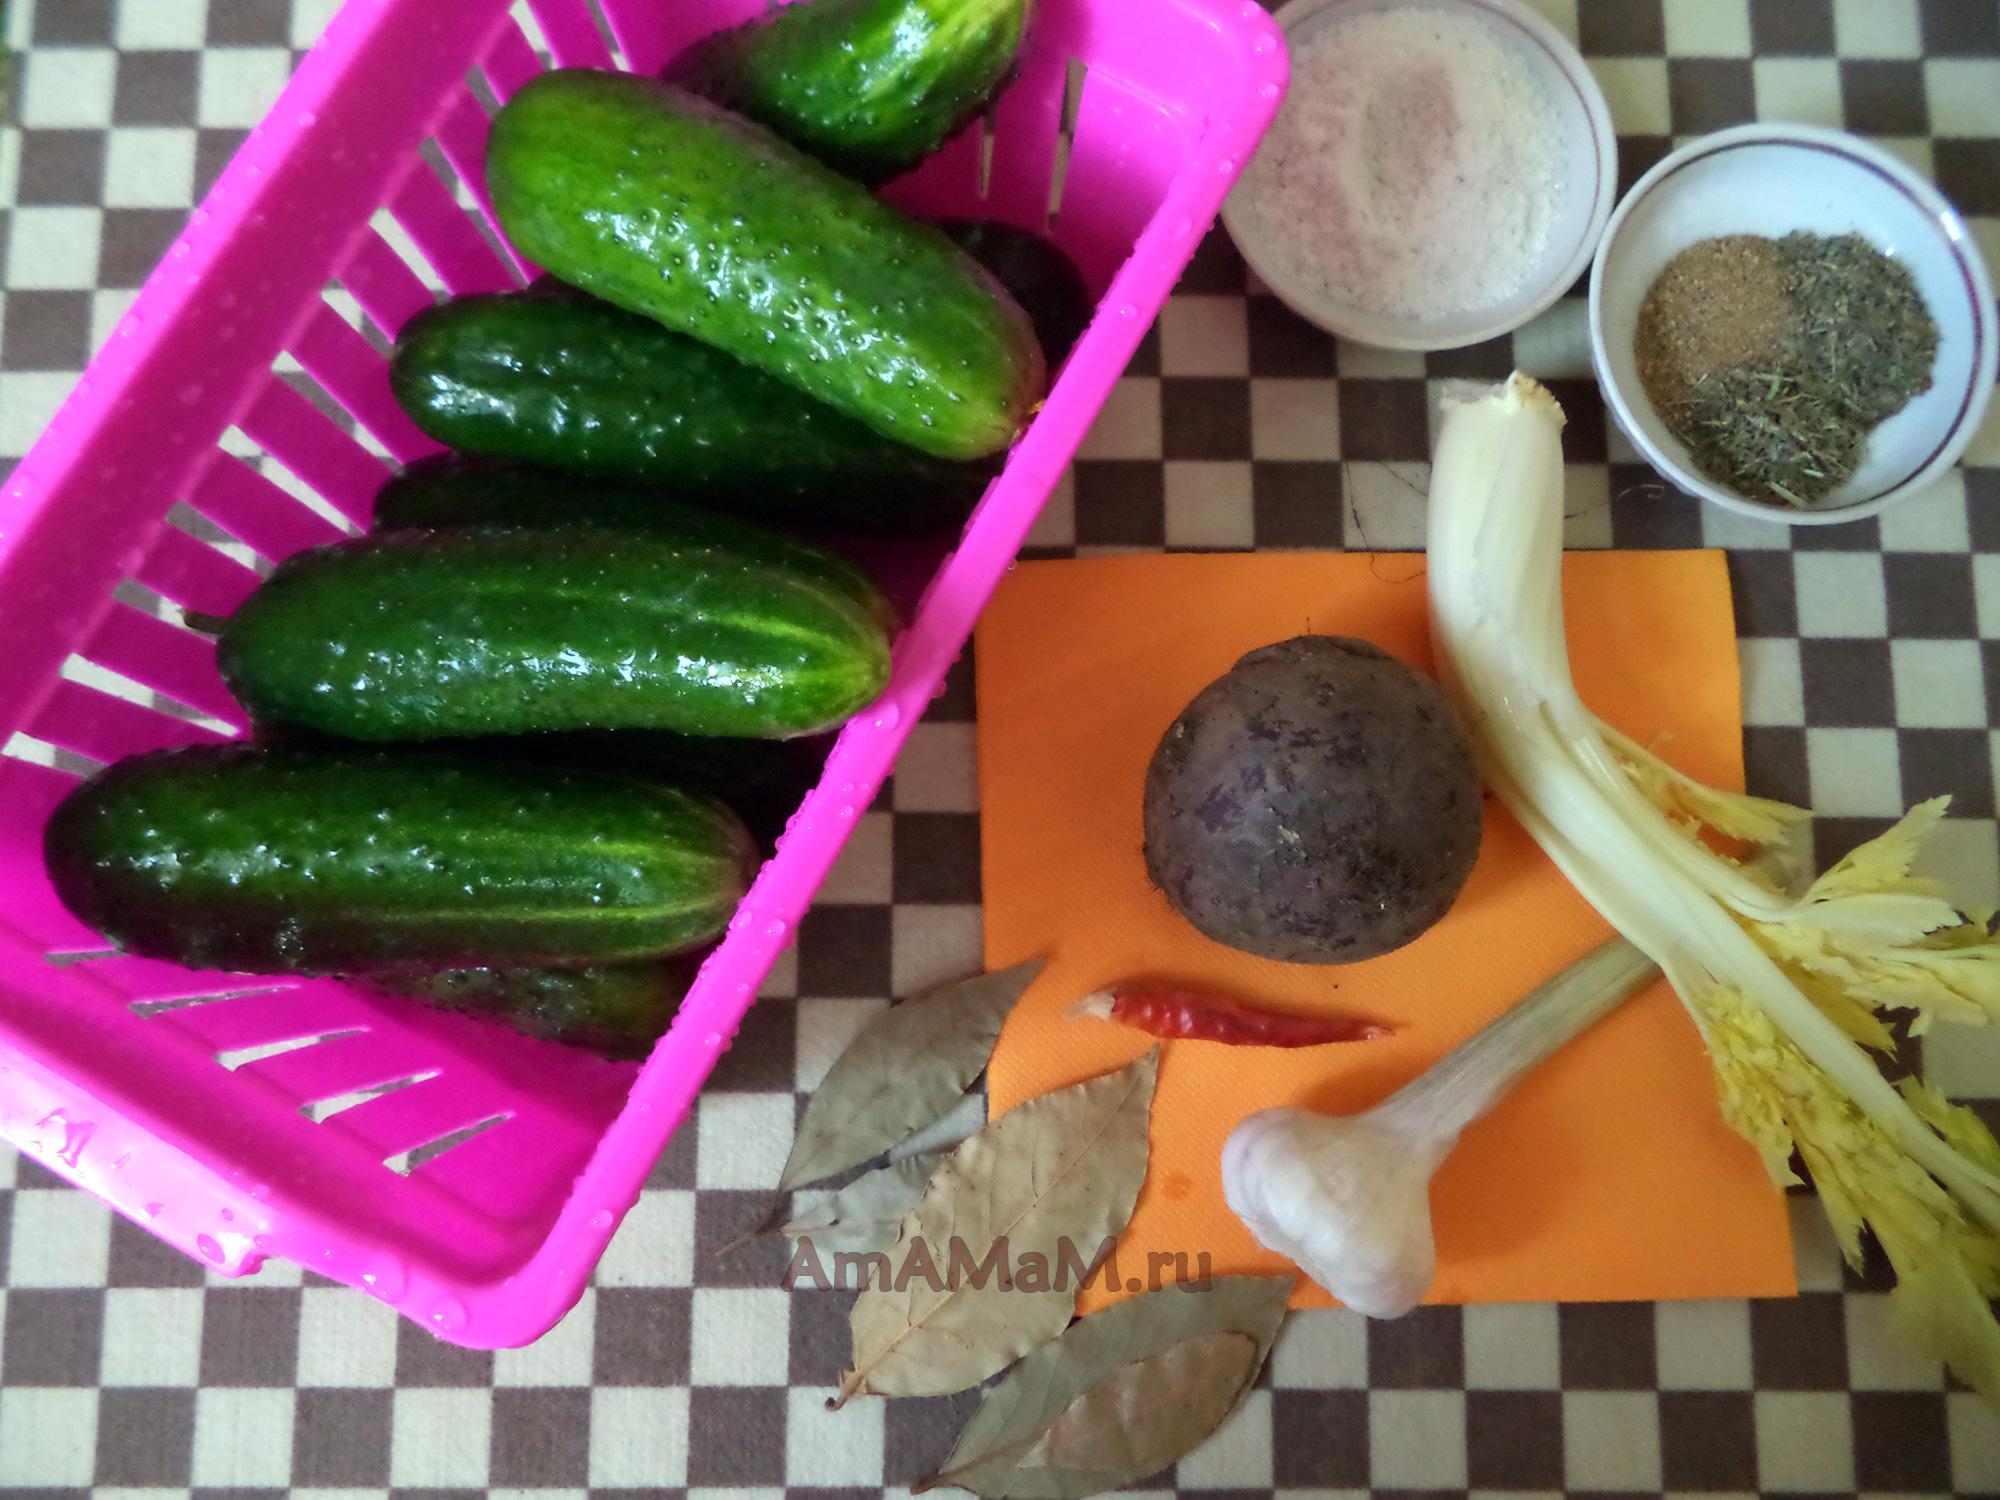 рецепт малосольных огурчиков быстрого приготовления в пакете